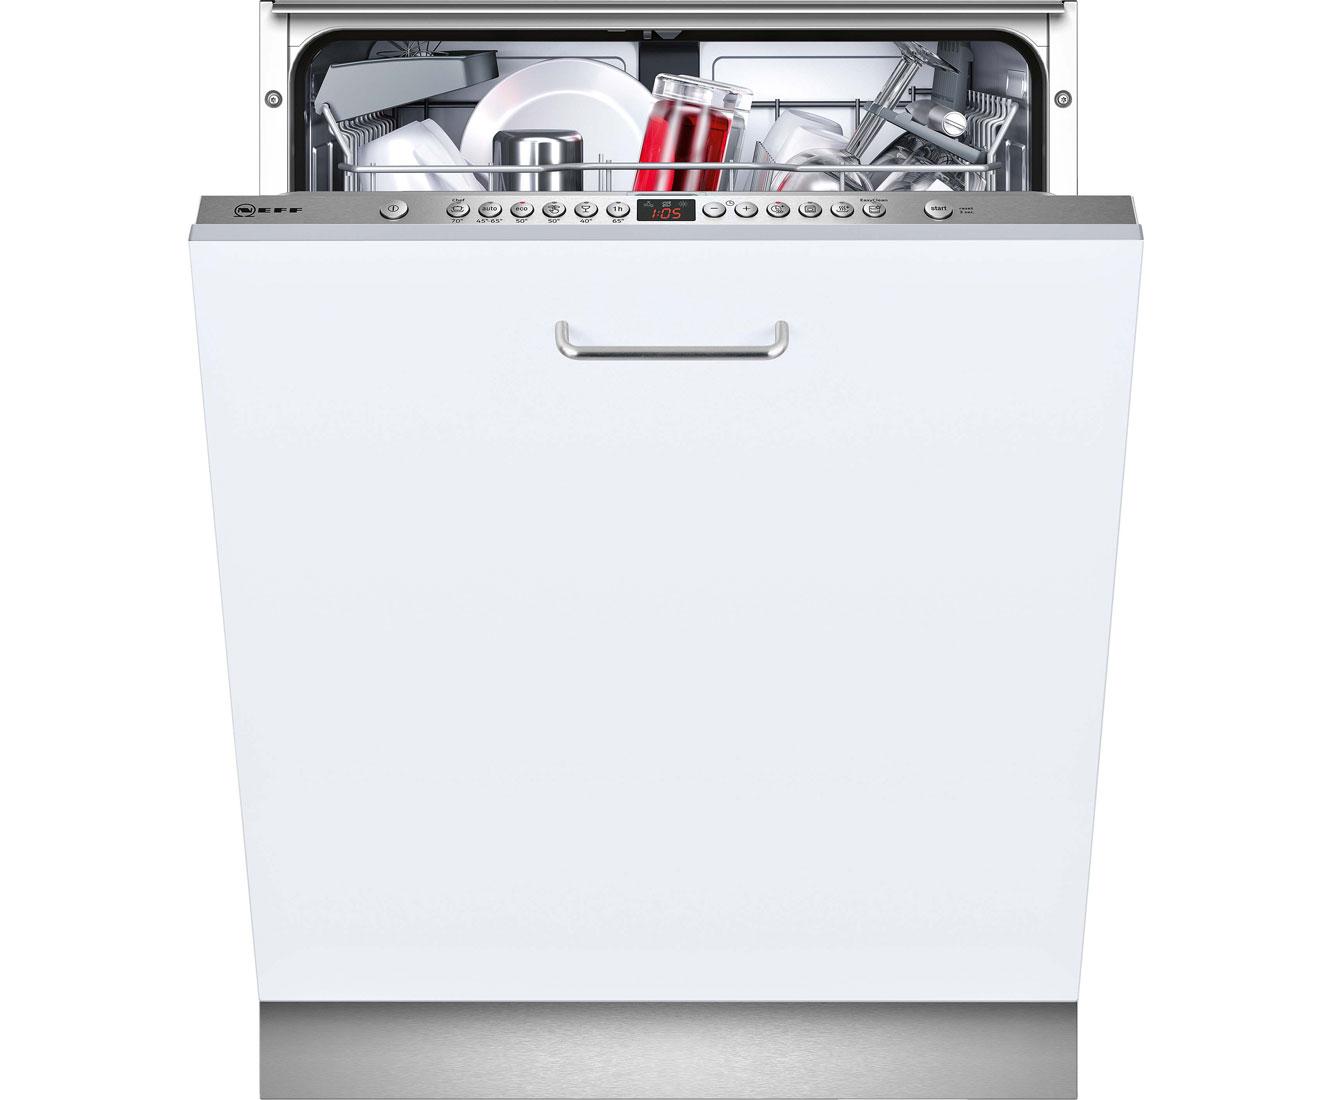 Neff S513I60X0E Geschirrspüler 60 cm - Edelstahl | Küche und Esszimmer > Küchenelektrogeräte > Gefrierschränke | Edelstahl | Neff